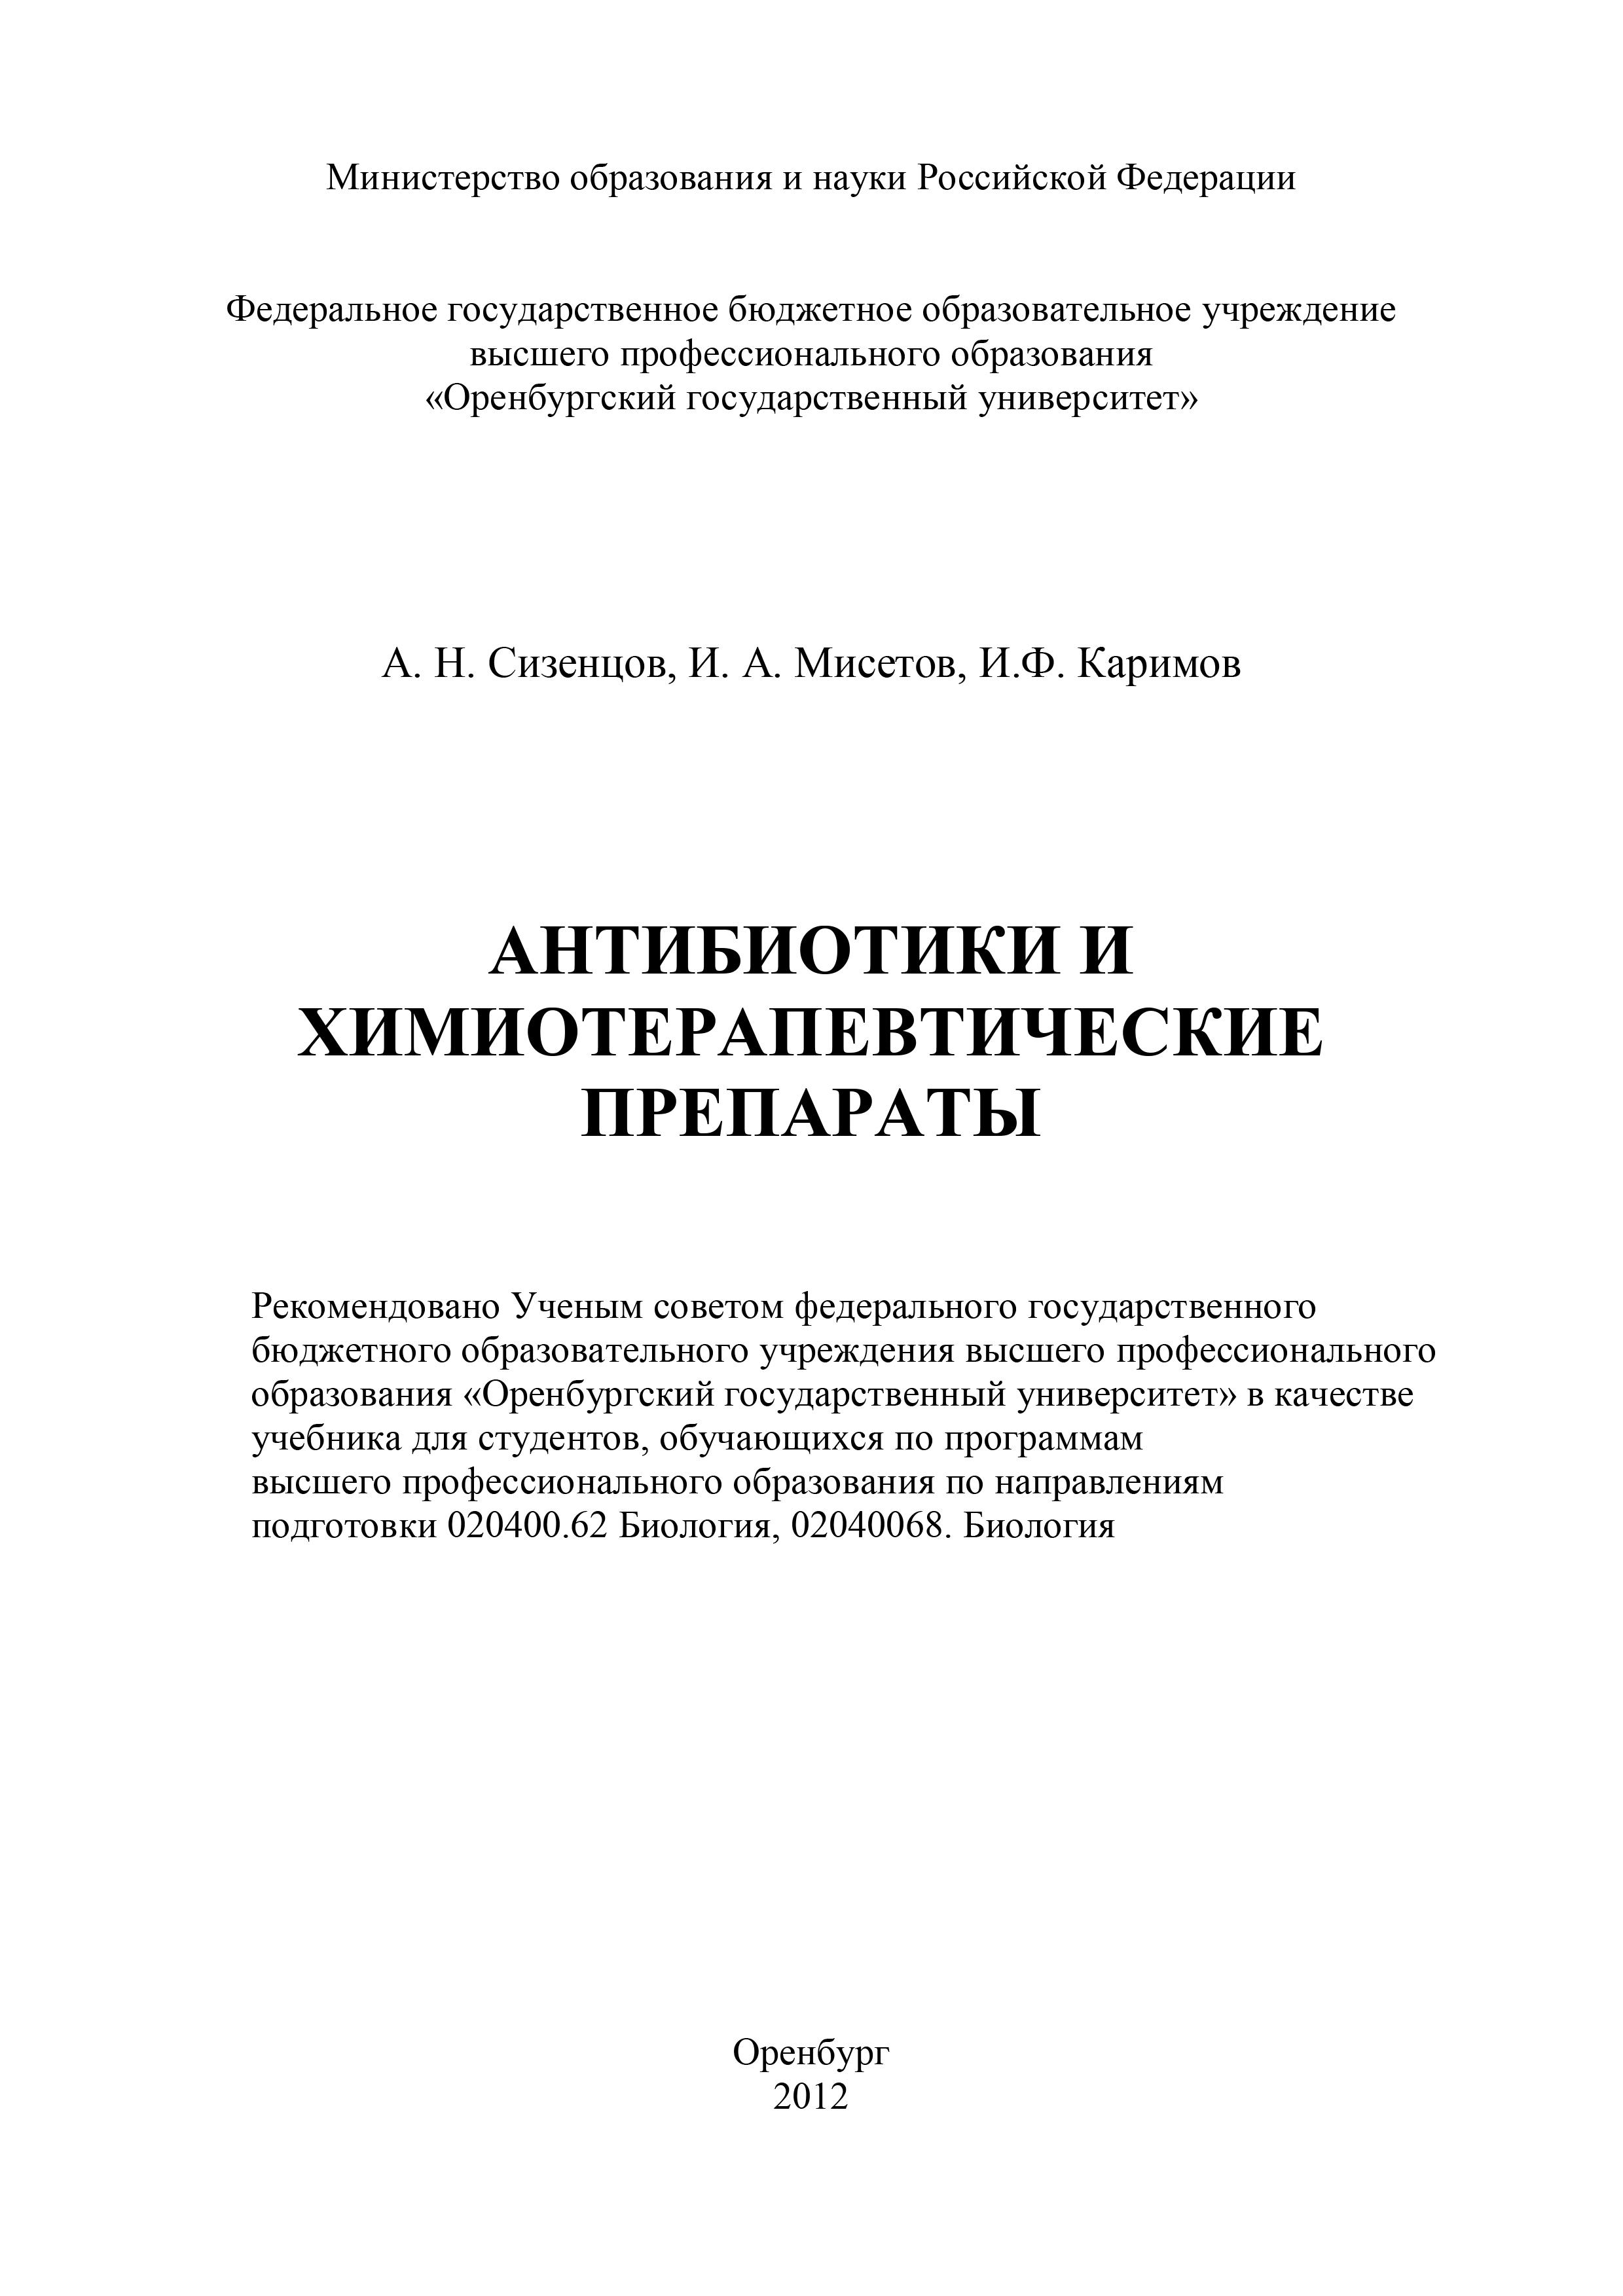 И. Ф. Каримов Антибиотики и химиотерапевтические препараты